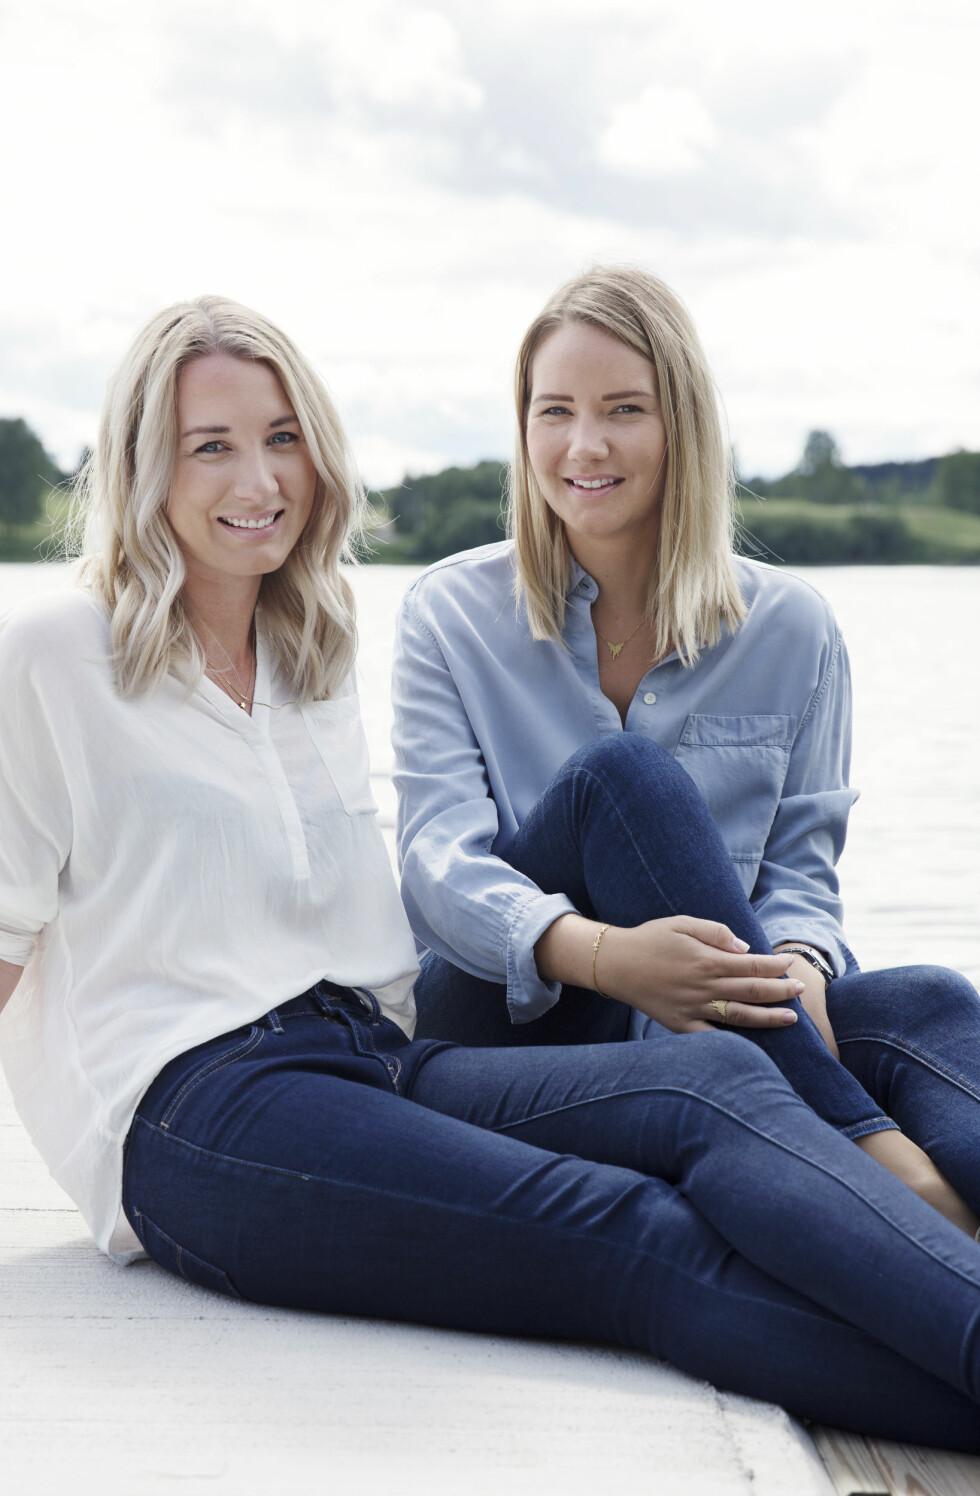 FIKK KYSSESYKEN: Søstrene Anette og Line ønsker seg tilbake til normalen. Begge fikk ME i 2013 etter kyssesyken.  Foto: Yvonne Wilhelmsen